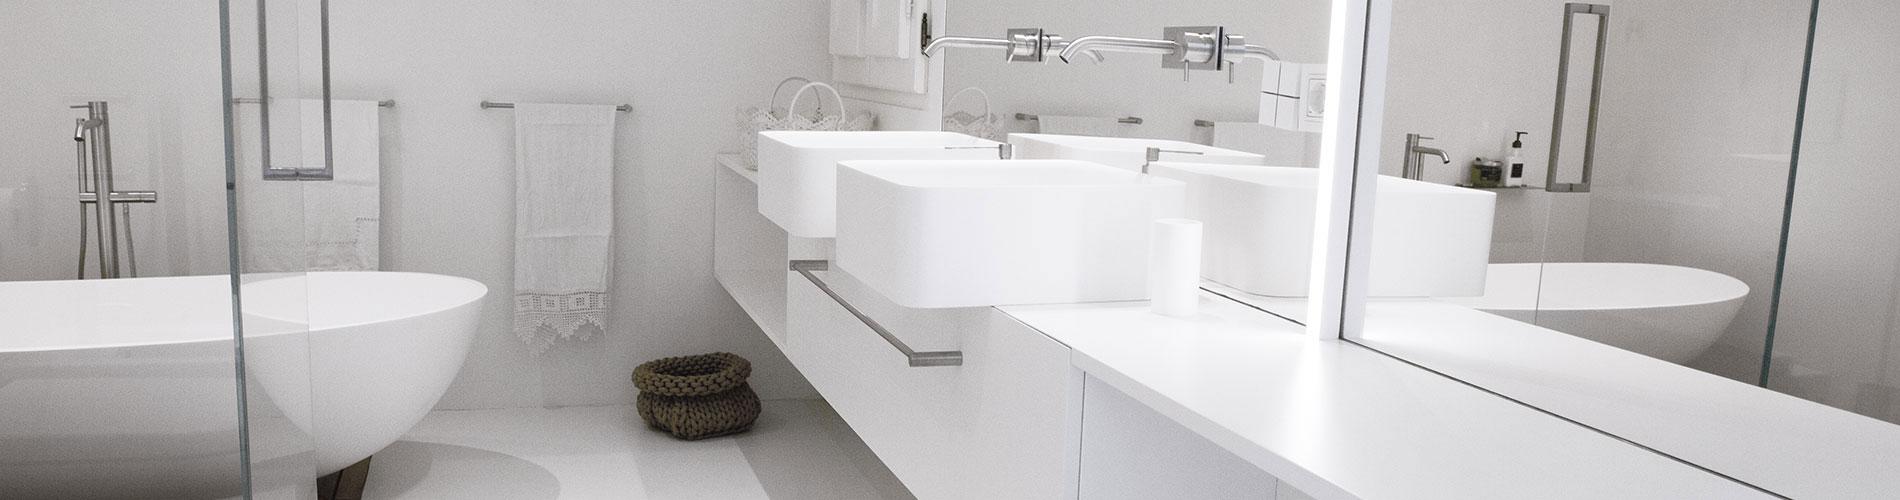 Arredo bagno e accessori centro della ceramica - Centro convenienza arredo bagno ...